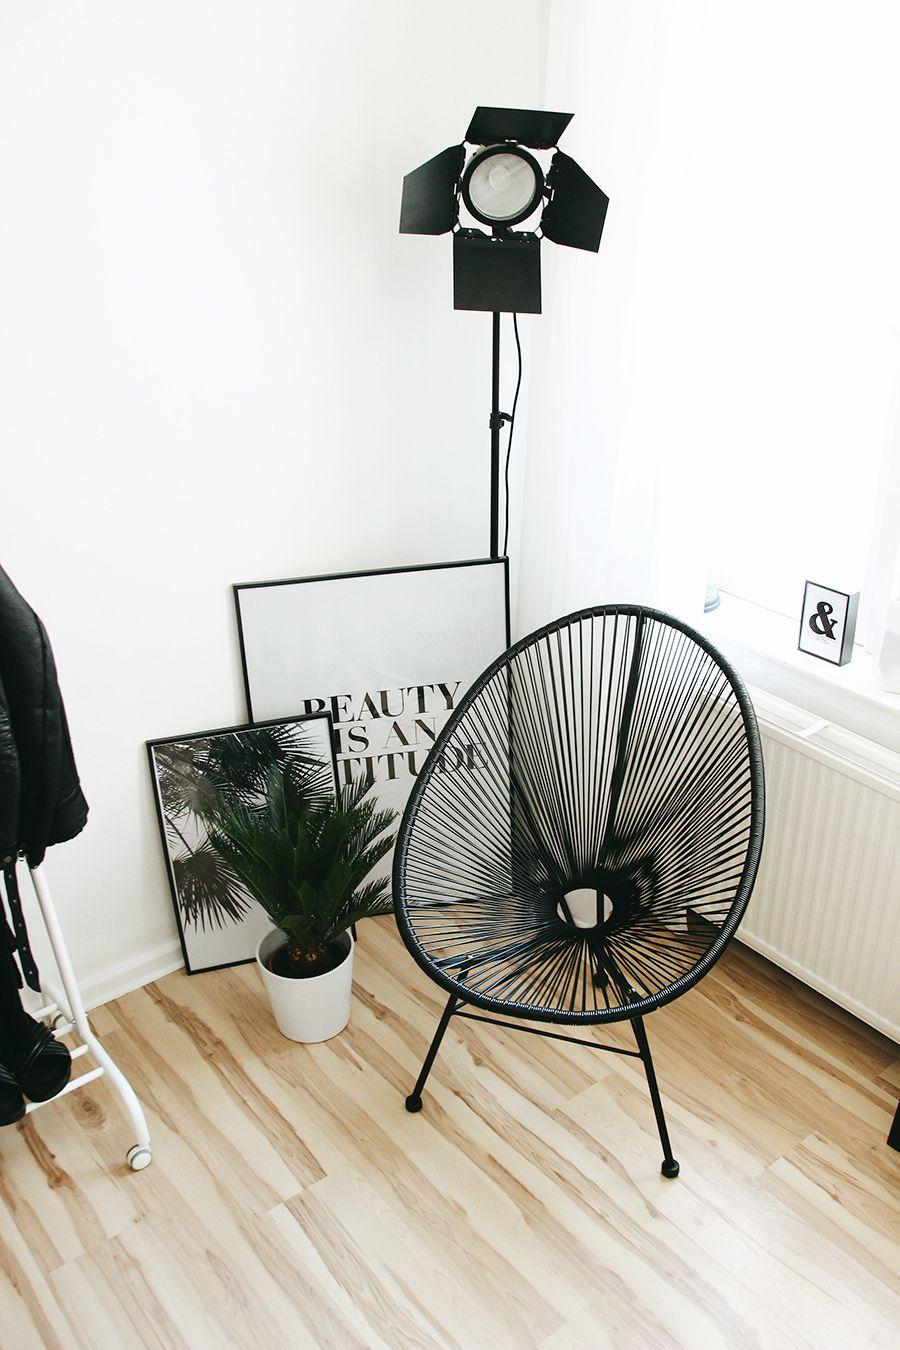 acapulco chair, interior inspiration, cozy corner, reading corner ... - Wie Die Perfekte Leseecke Erstellt